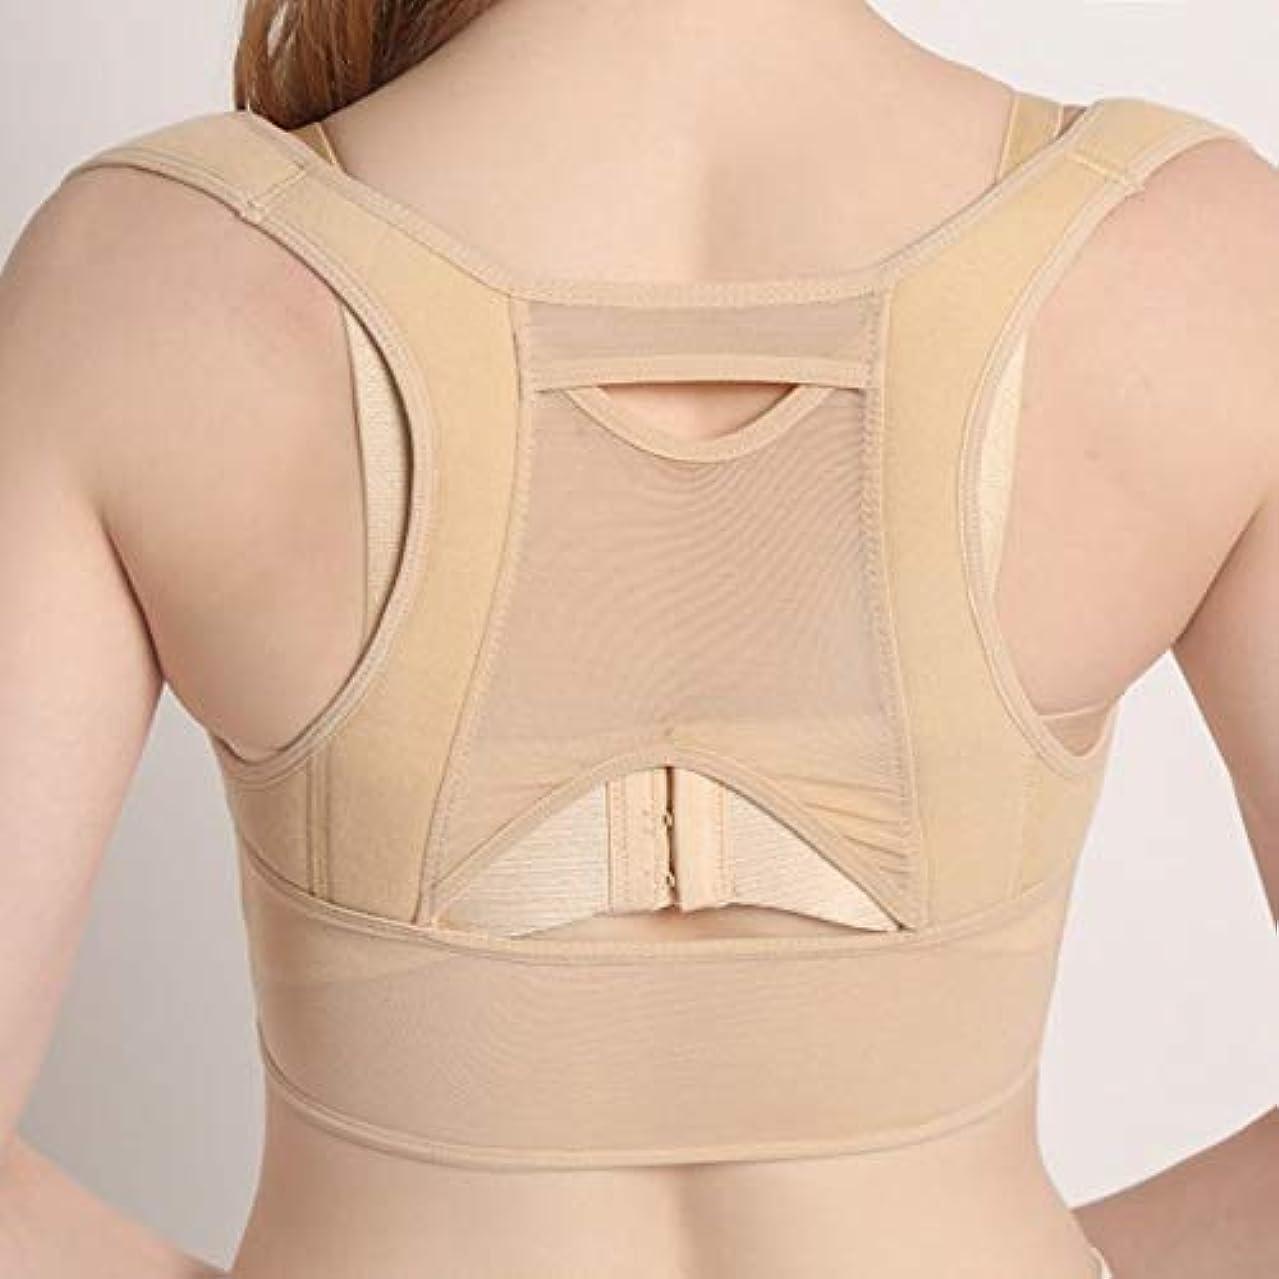 メンタル仮説勇者通気性のある女性の背中の姿勢矯正コルセット整形外科の肩の背骨の姿勢矯正腰椎サポート - ベージュホワイトM